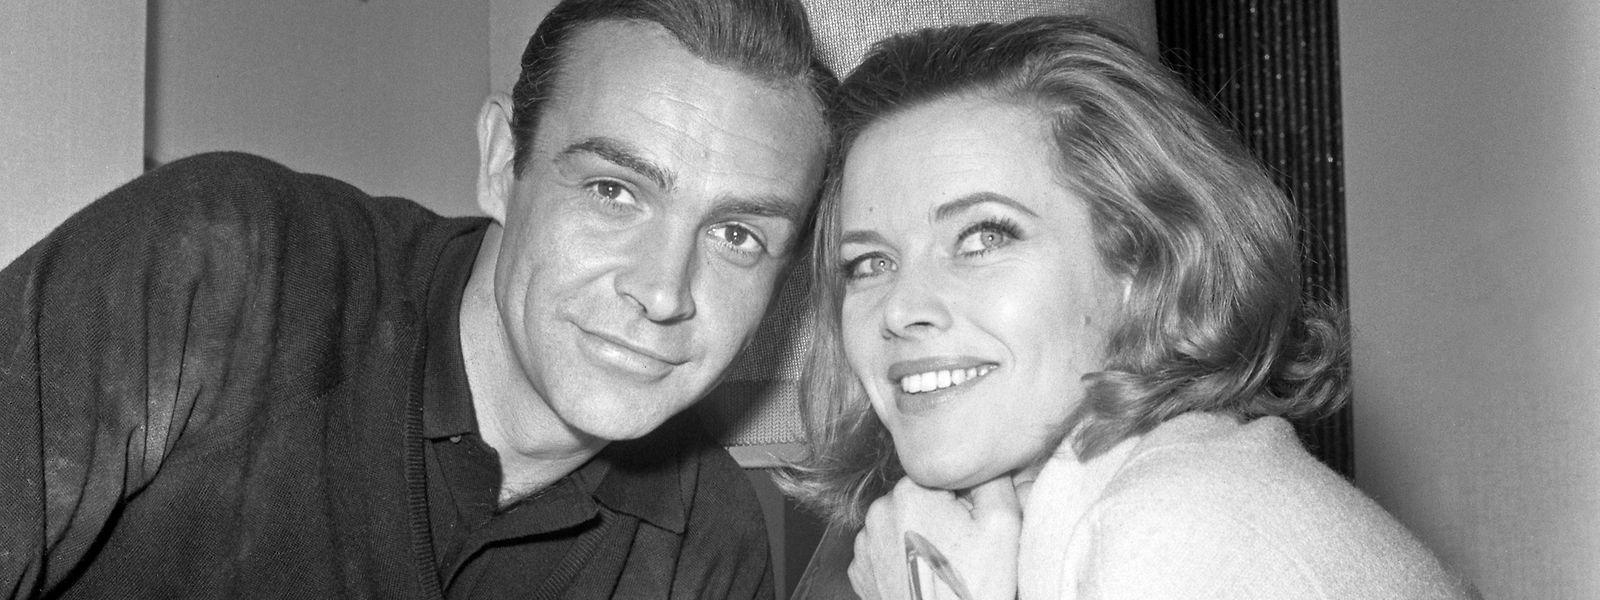 Schauspielerin Honor Blackman sitzt neben dem James Bond Star Sean Connery. Blackman, die in den 60er Jahren durch ihre Rolle in dem James-Bond-Film «Goldfinger» weltbekannt wurde, ist tot.